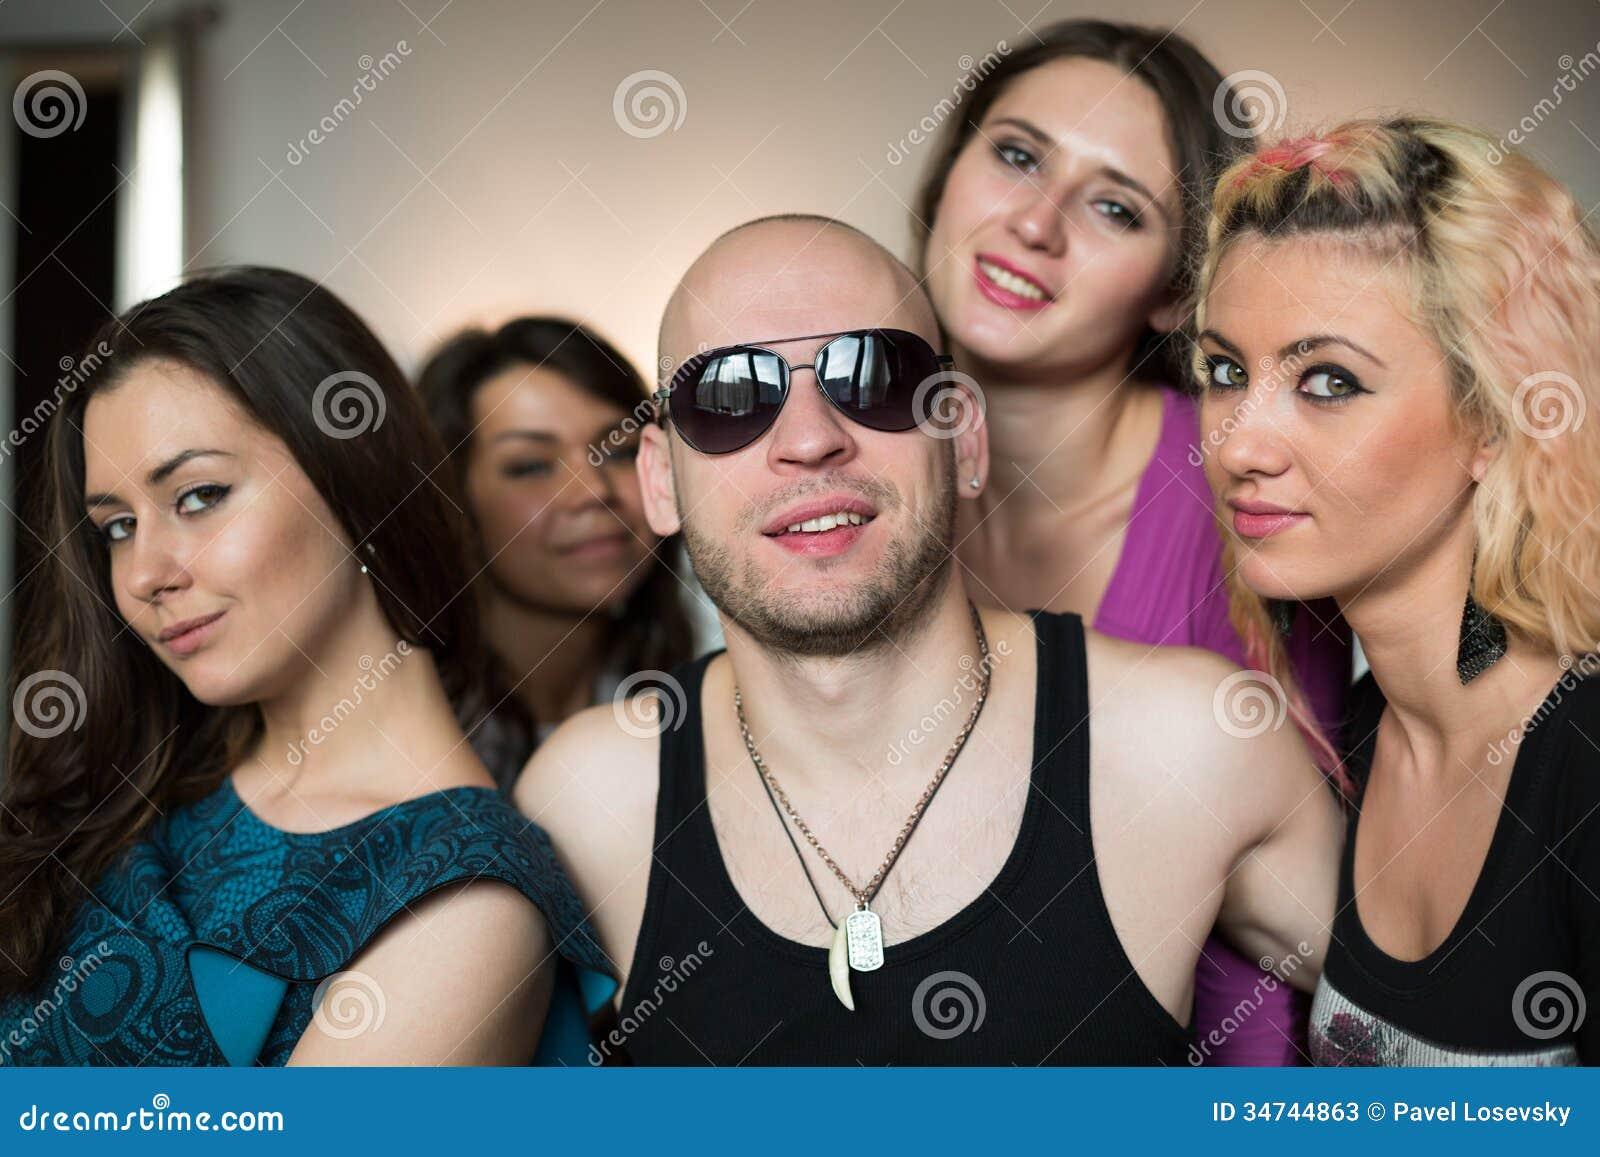 С четырьмя девчонками 3 фотография